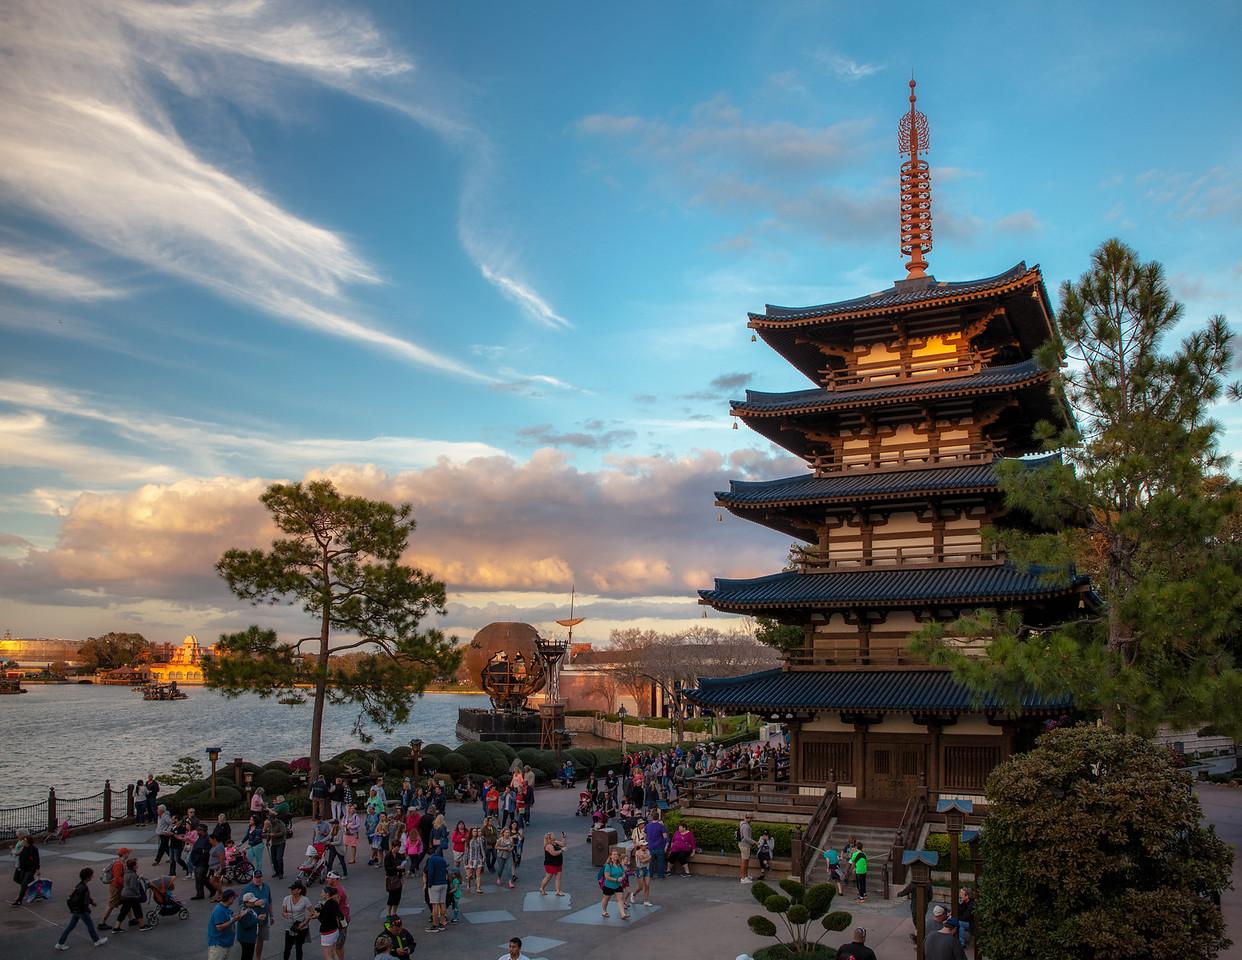 Japan at Epcot Center